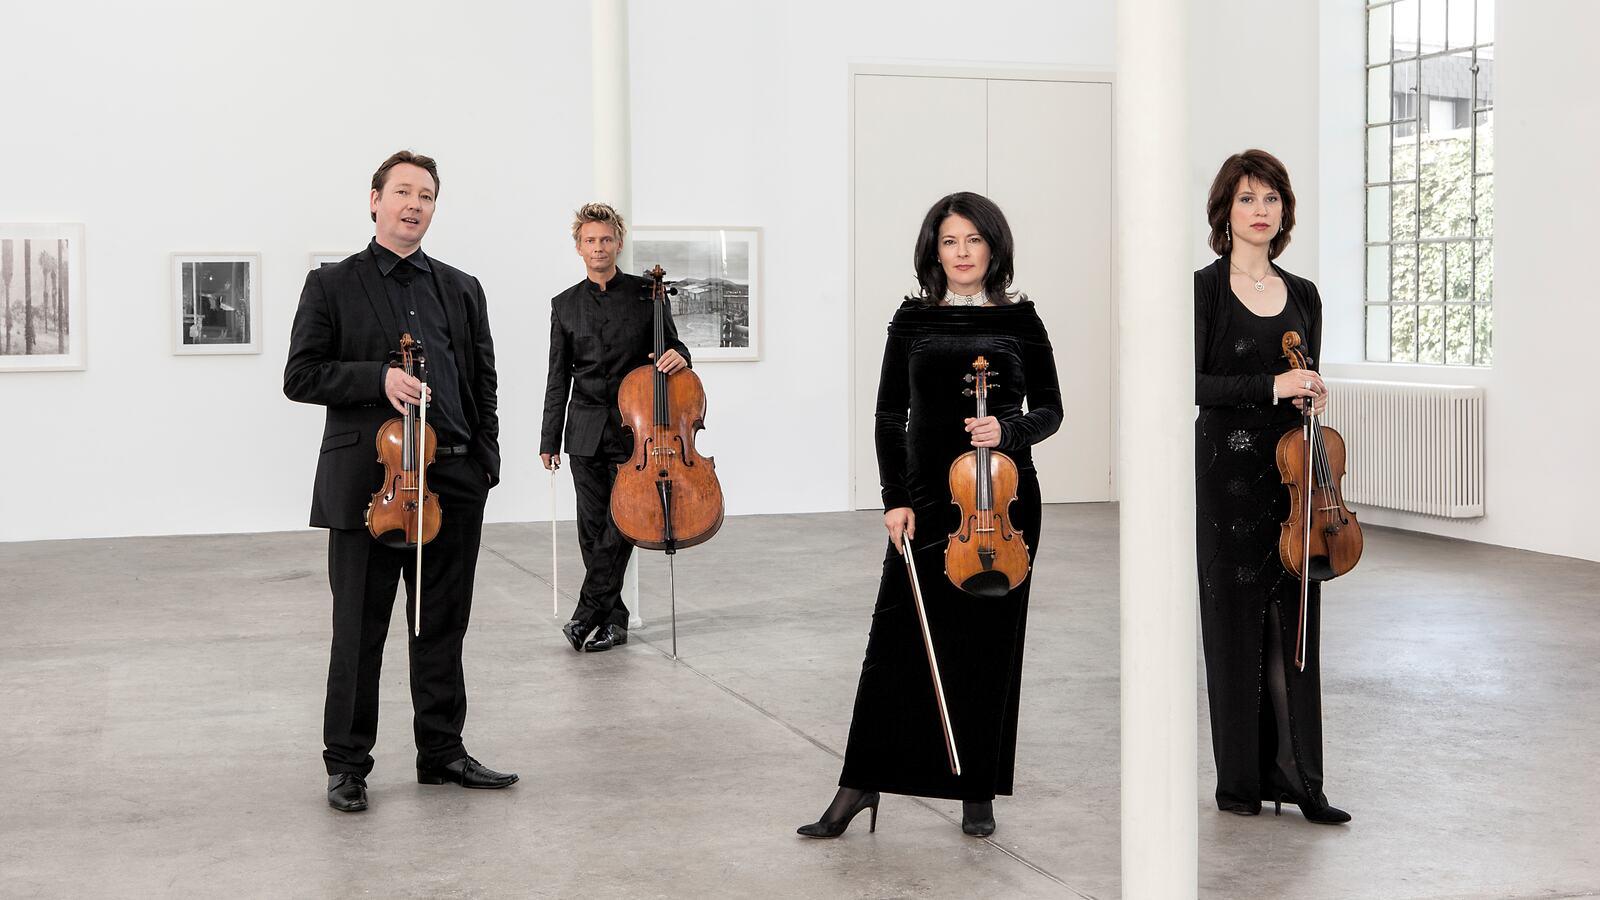 Minguet Quartet, musical group